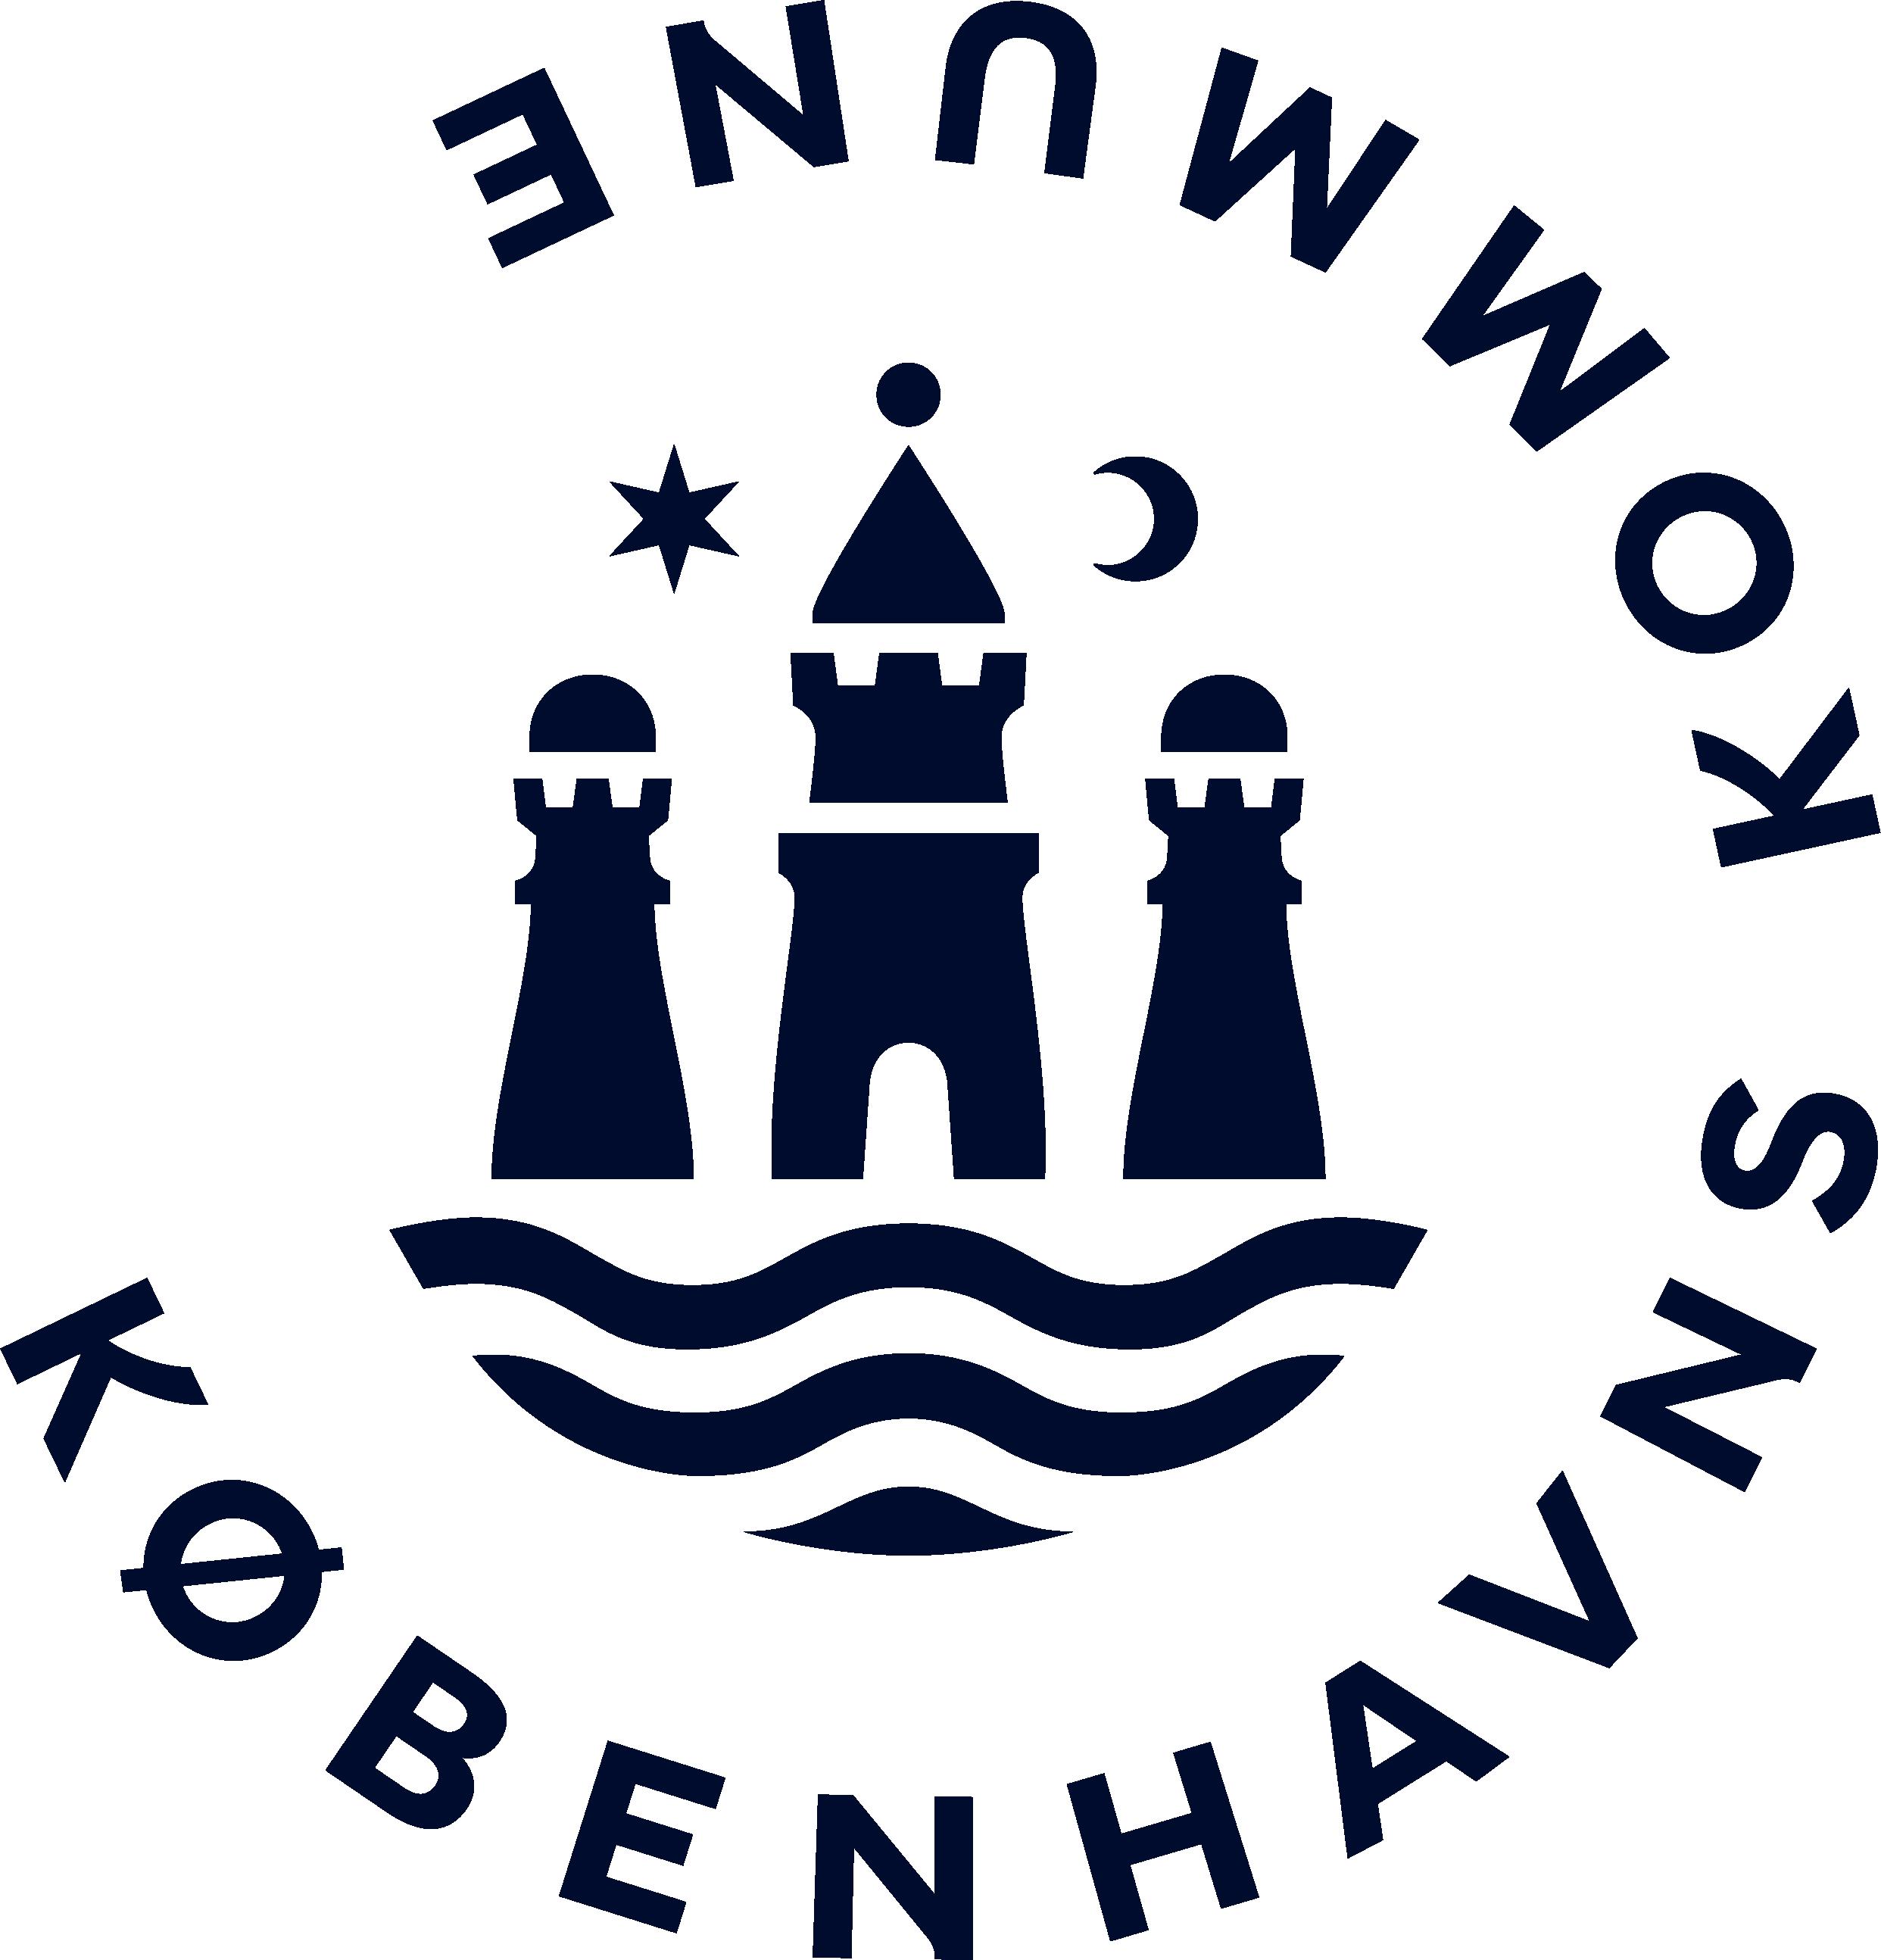 Logo Kbh kbh_maerke_dk_blue_rgb